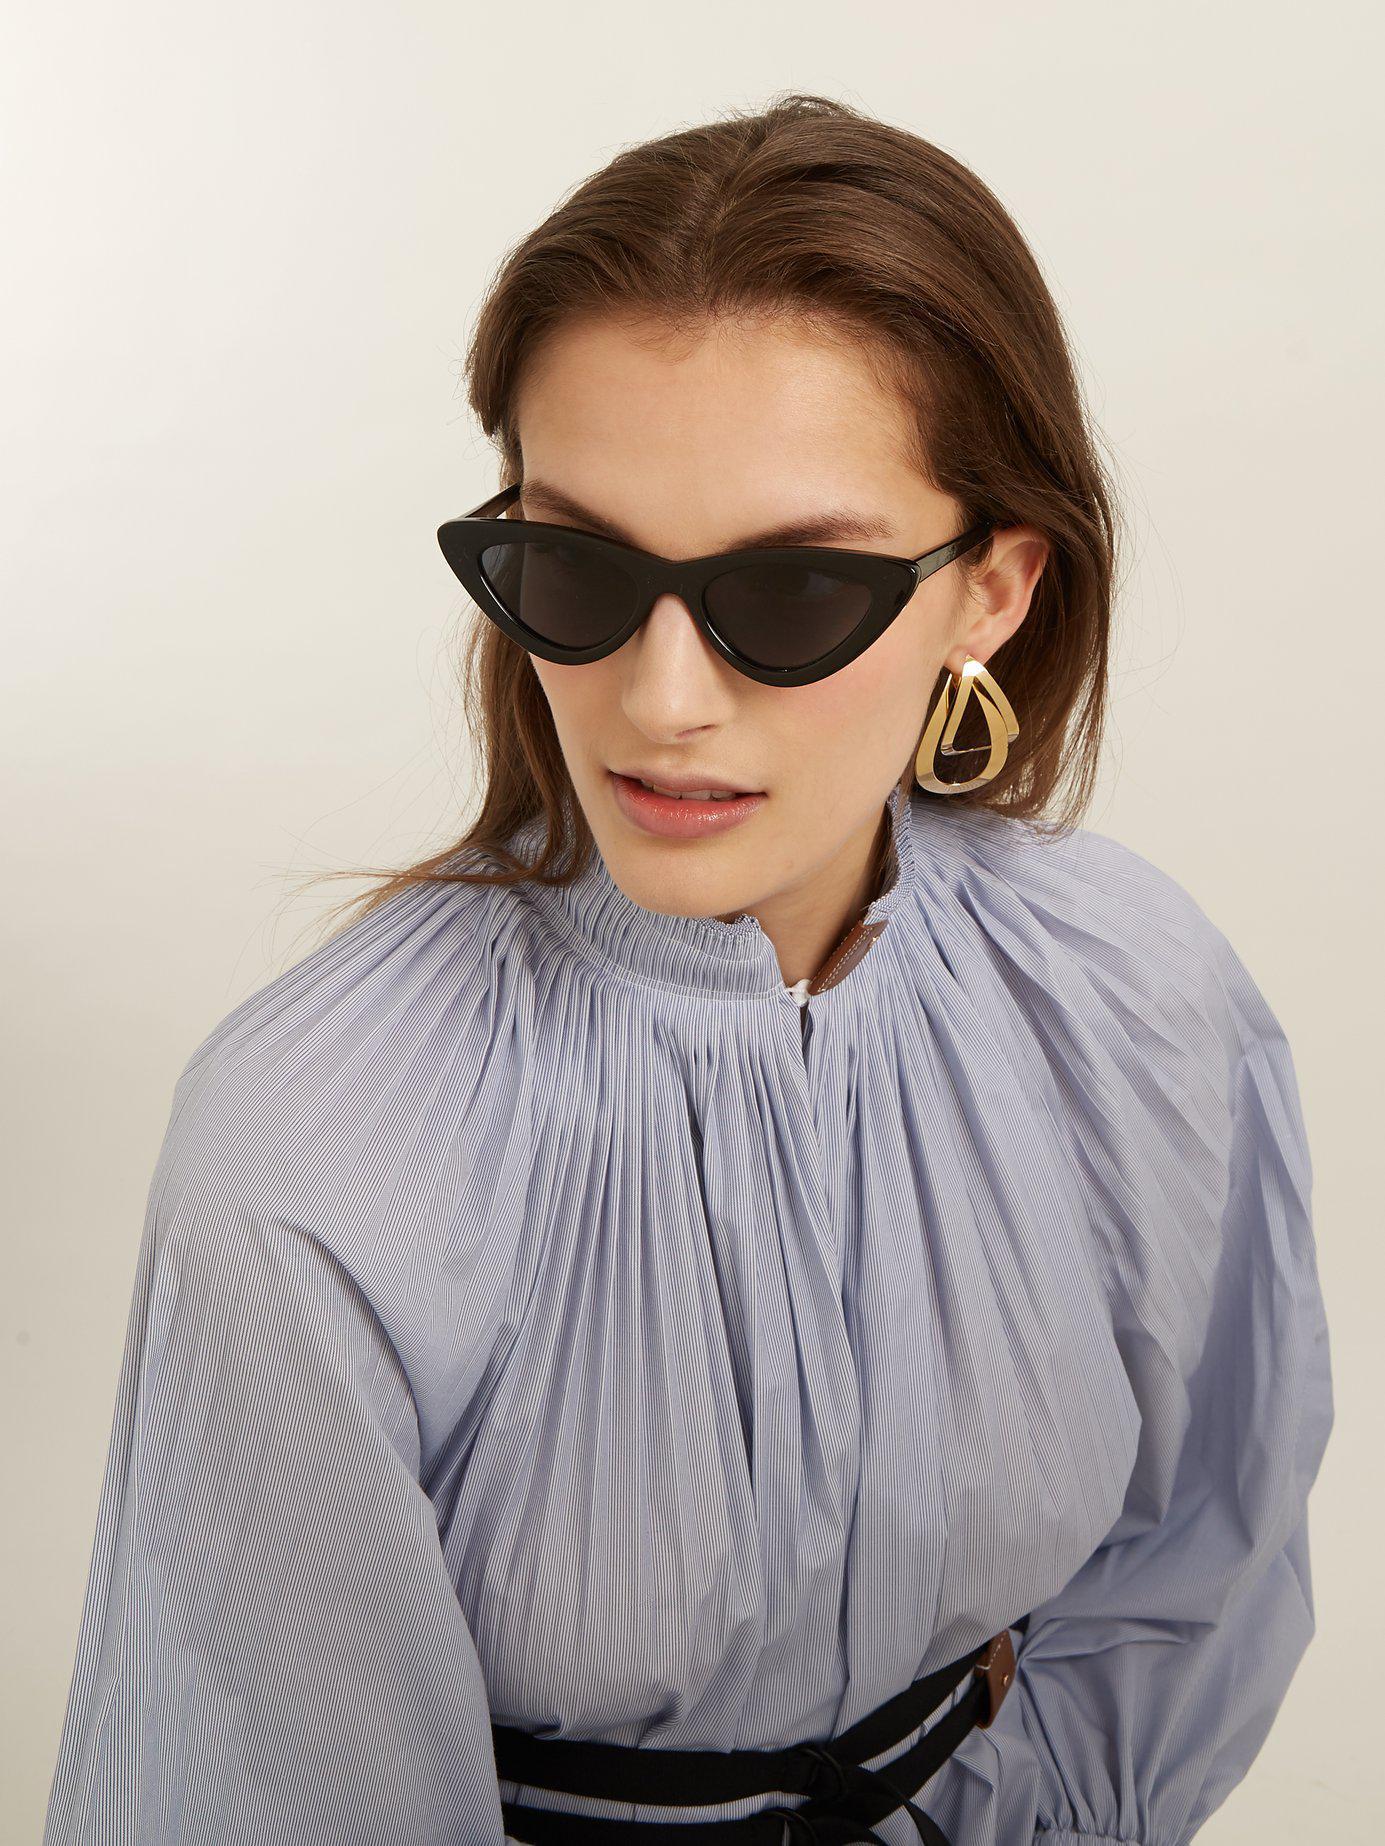 53b505f1e66 Lyst - Le Specs The Last Lolita Cat Eye Sunglasses in Black - Save 46%